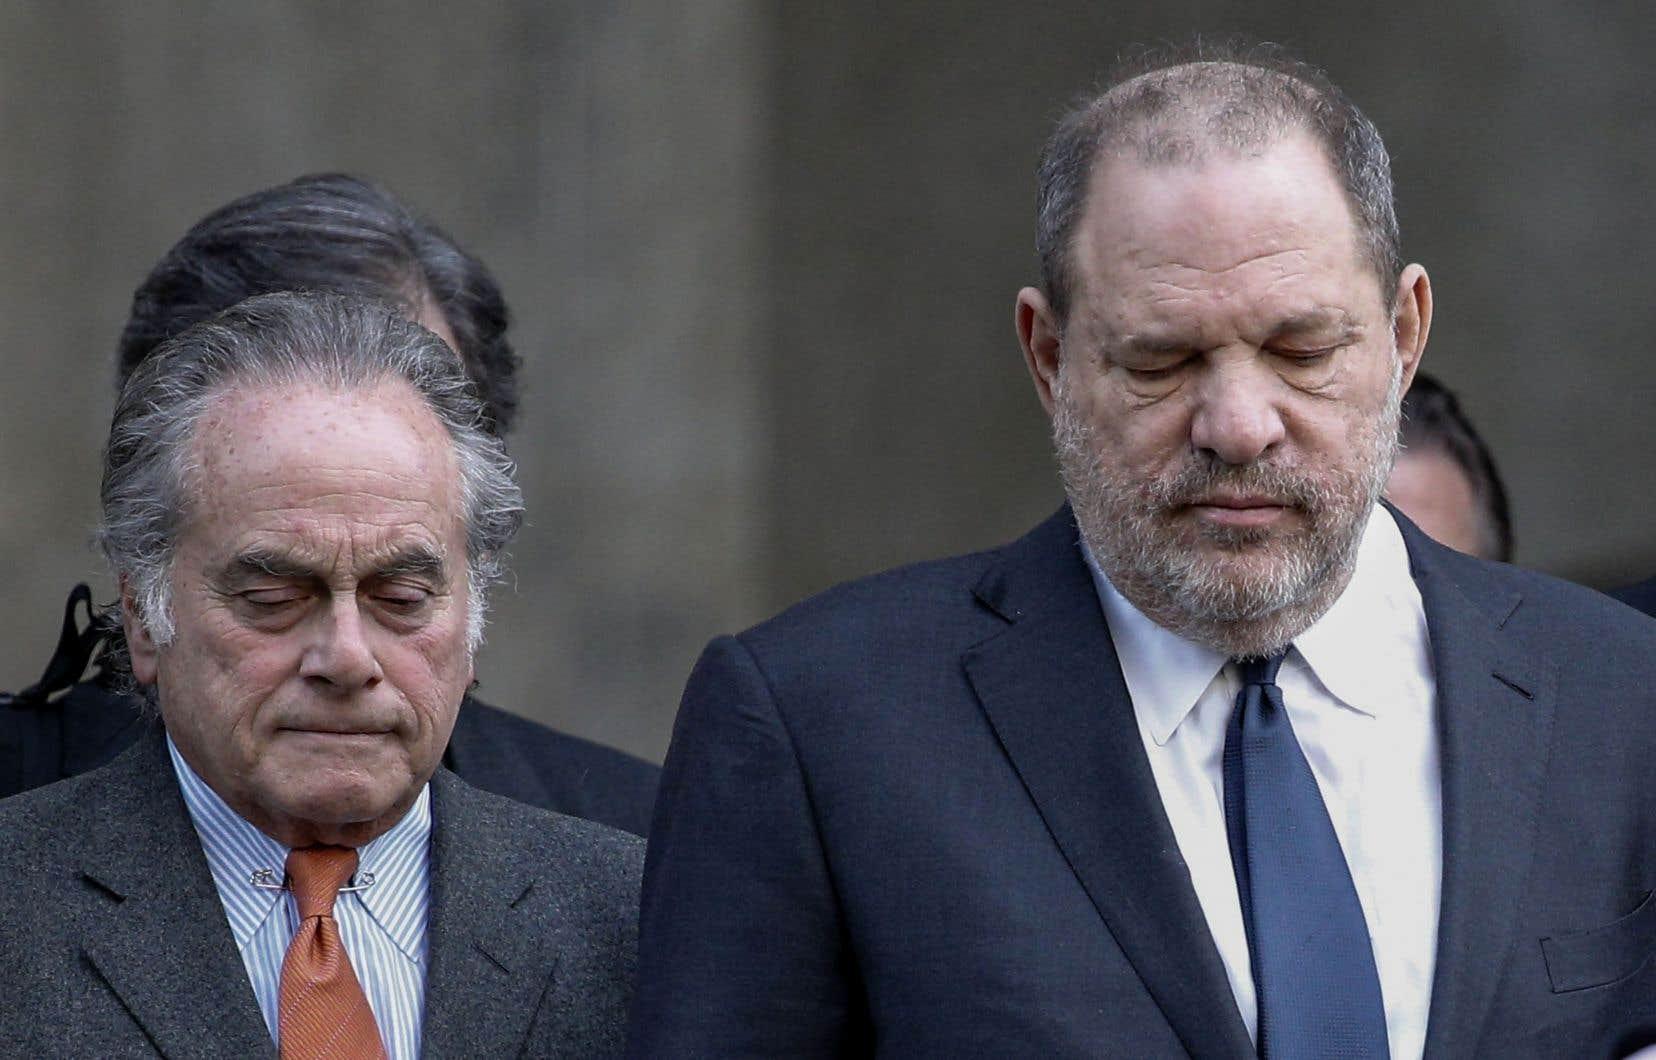 Le scandale Weinstein a entraîné, par ricochet, une remise en question sans précédent au sein de l'industrie hollywoodienne et ailleurs. Il a aussi libéré la parole de milliers de femmes, notamment à travers le mouvement #MeToo.